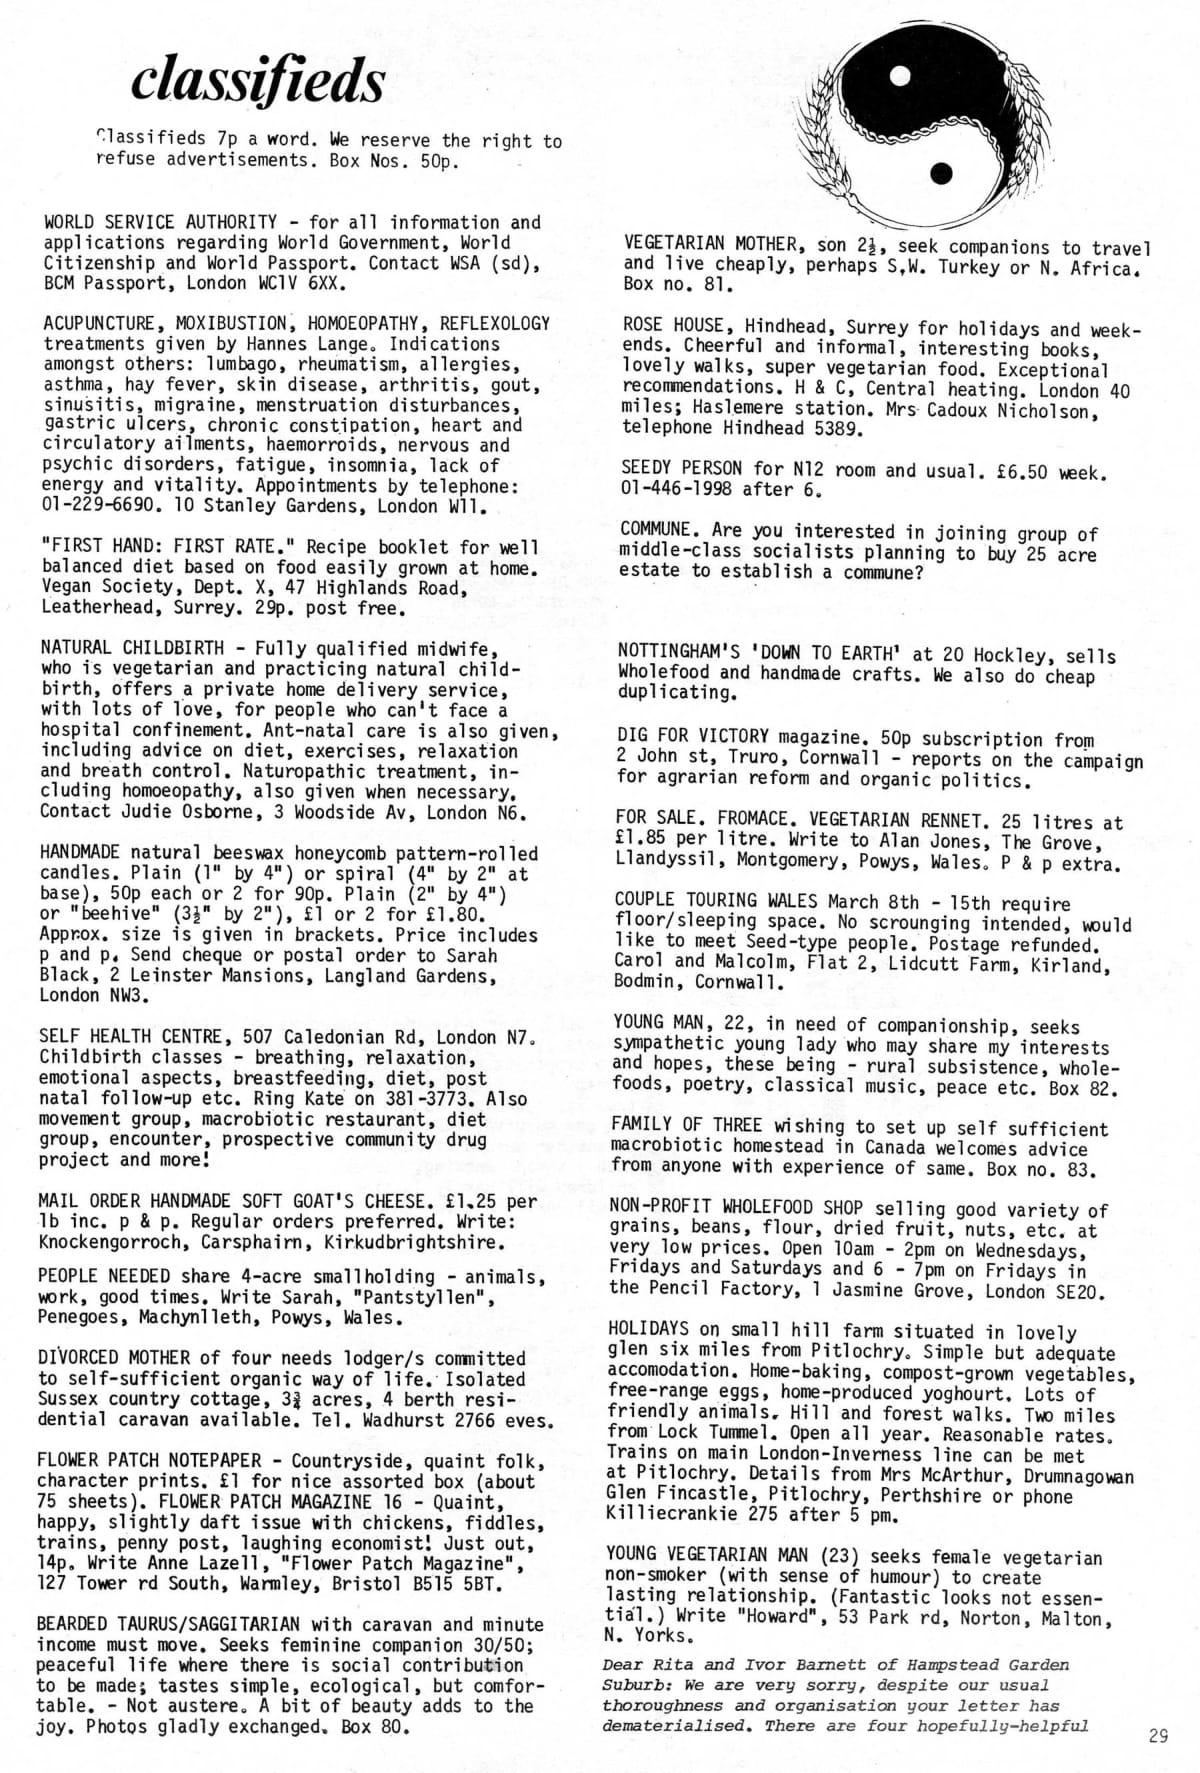 seed-v4-n3-march1975-29.jpg